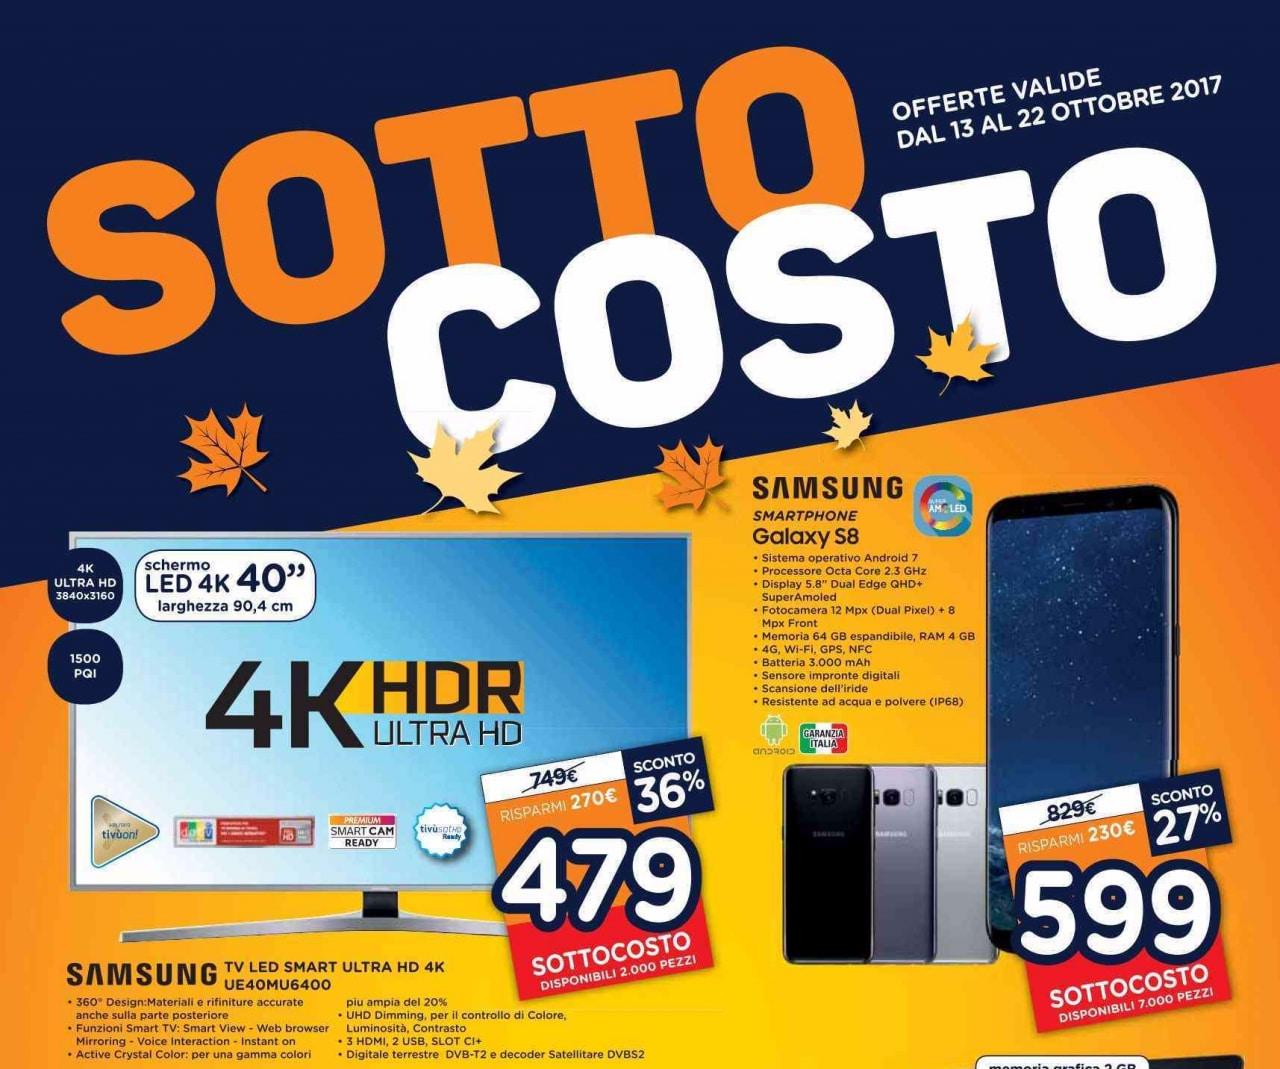 Volantino Unieuro Sottocosto 13-22 ottobre 2017: prezzi ...